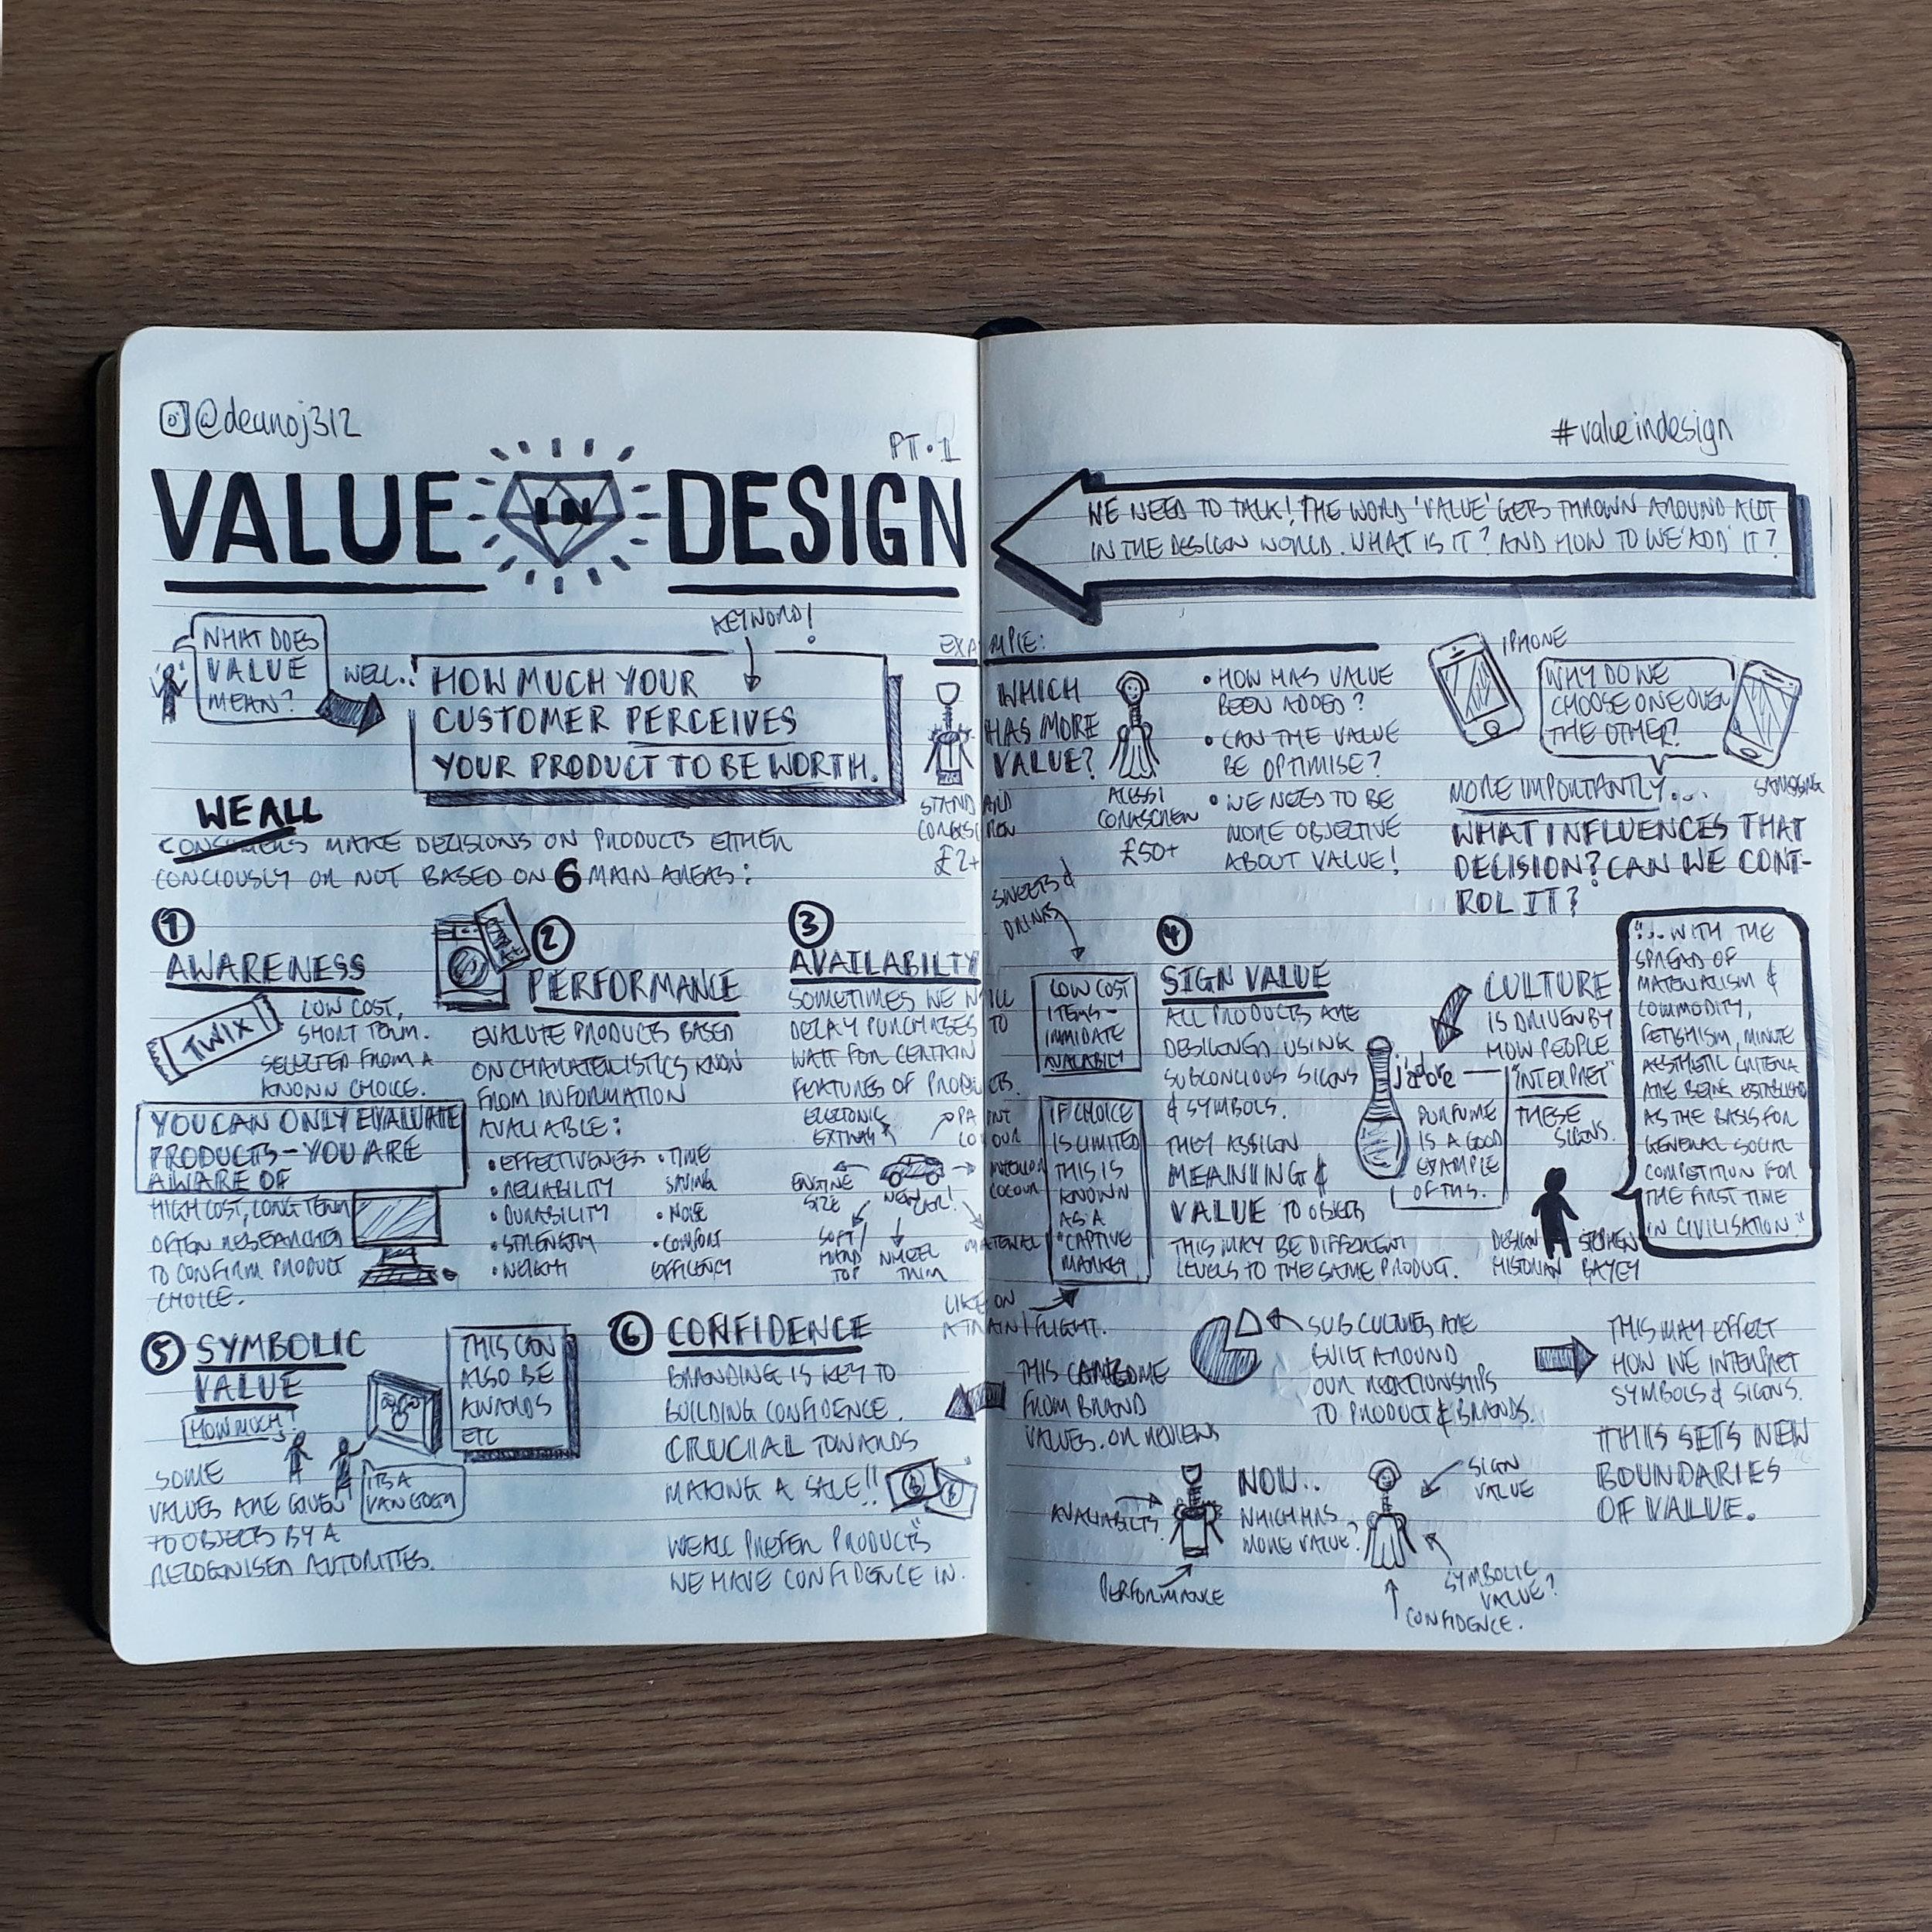 ValueInDesign-Part1.1.jpg